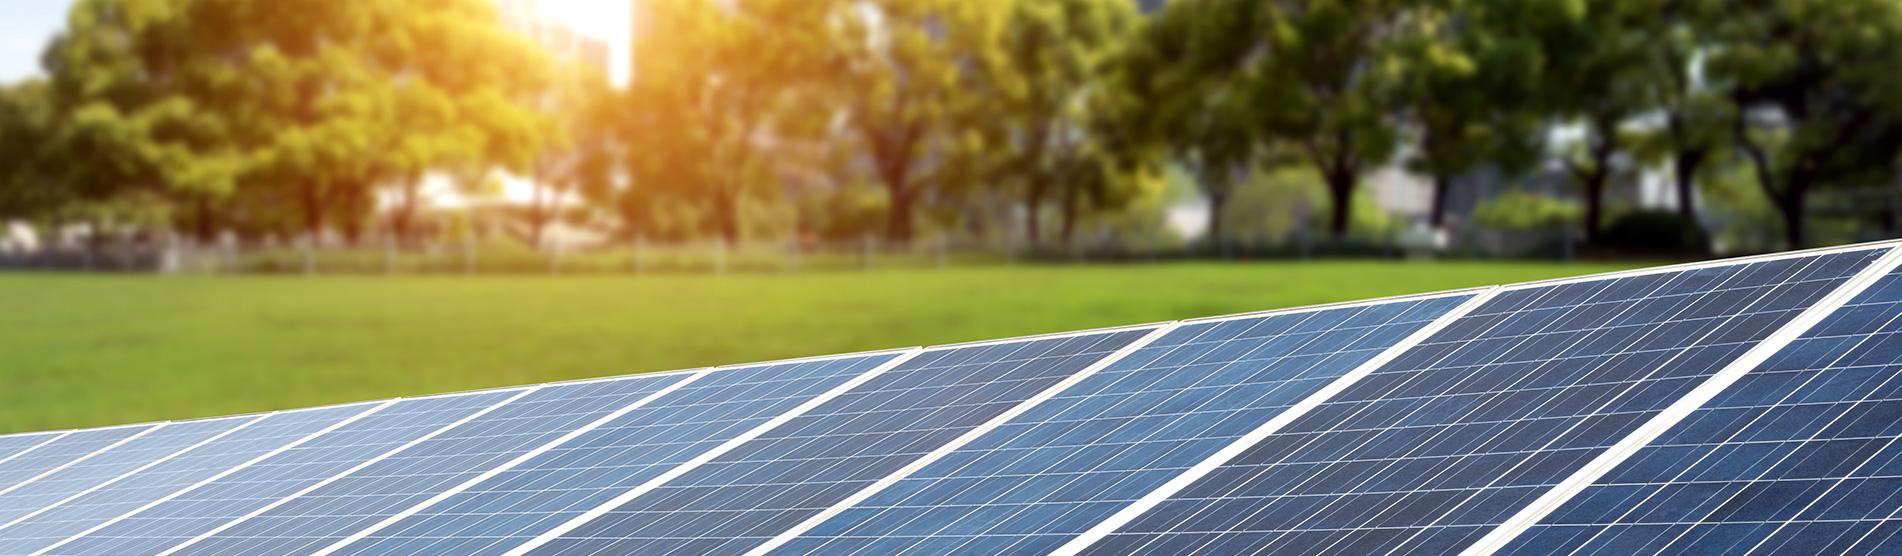 Photovoltaik als einzelunternehmerisches Investment